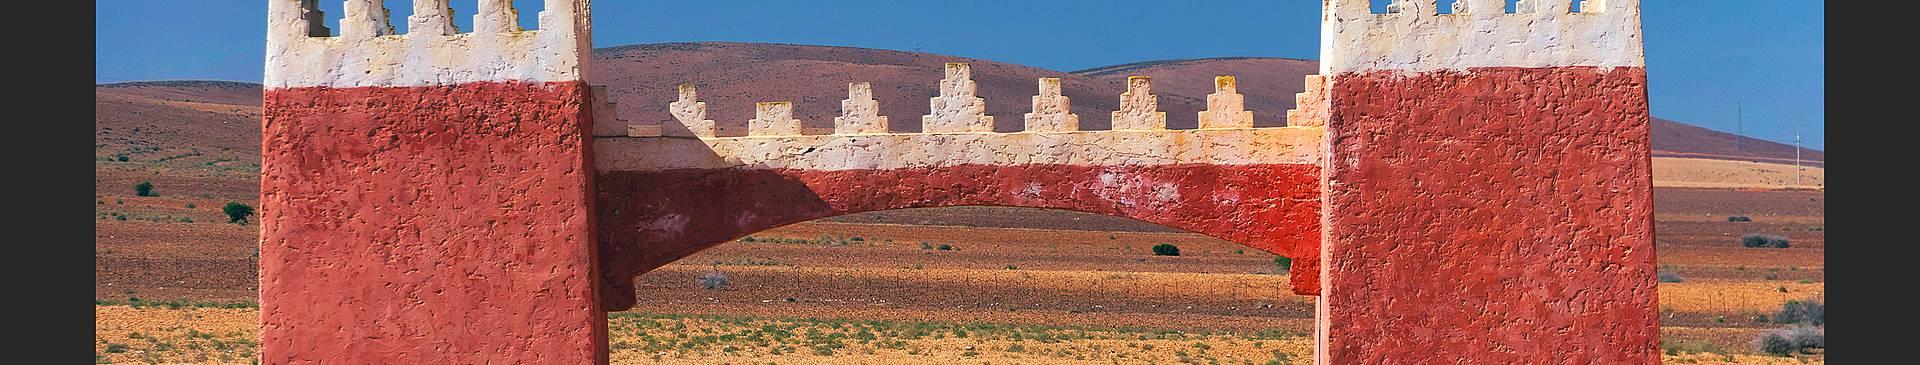 Due settimane in Marocco